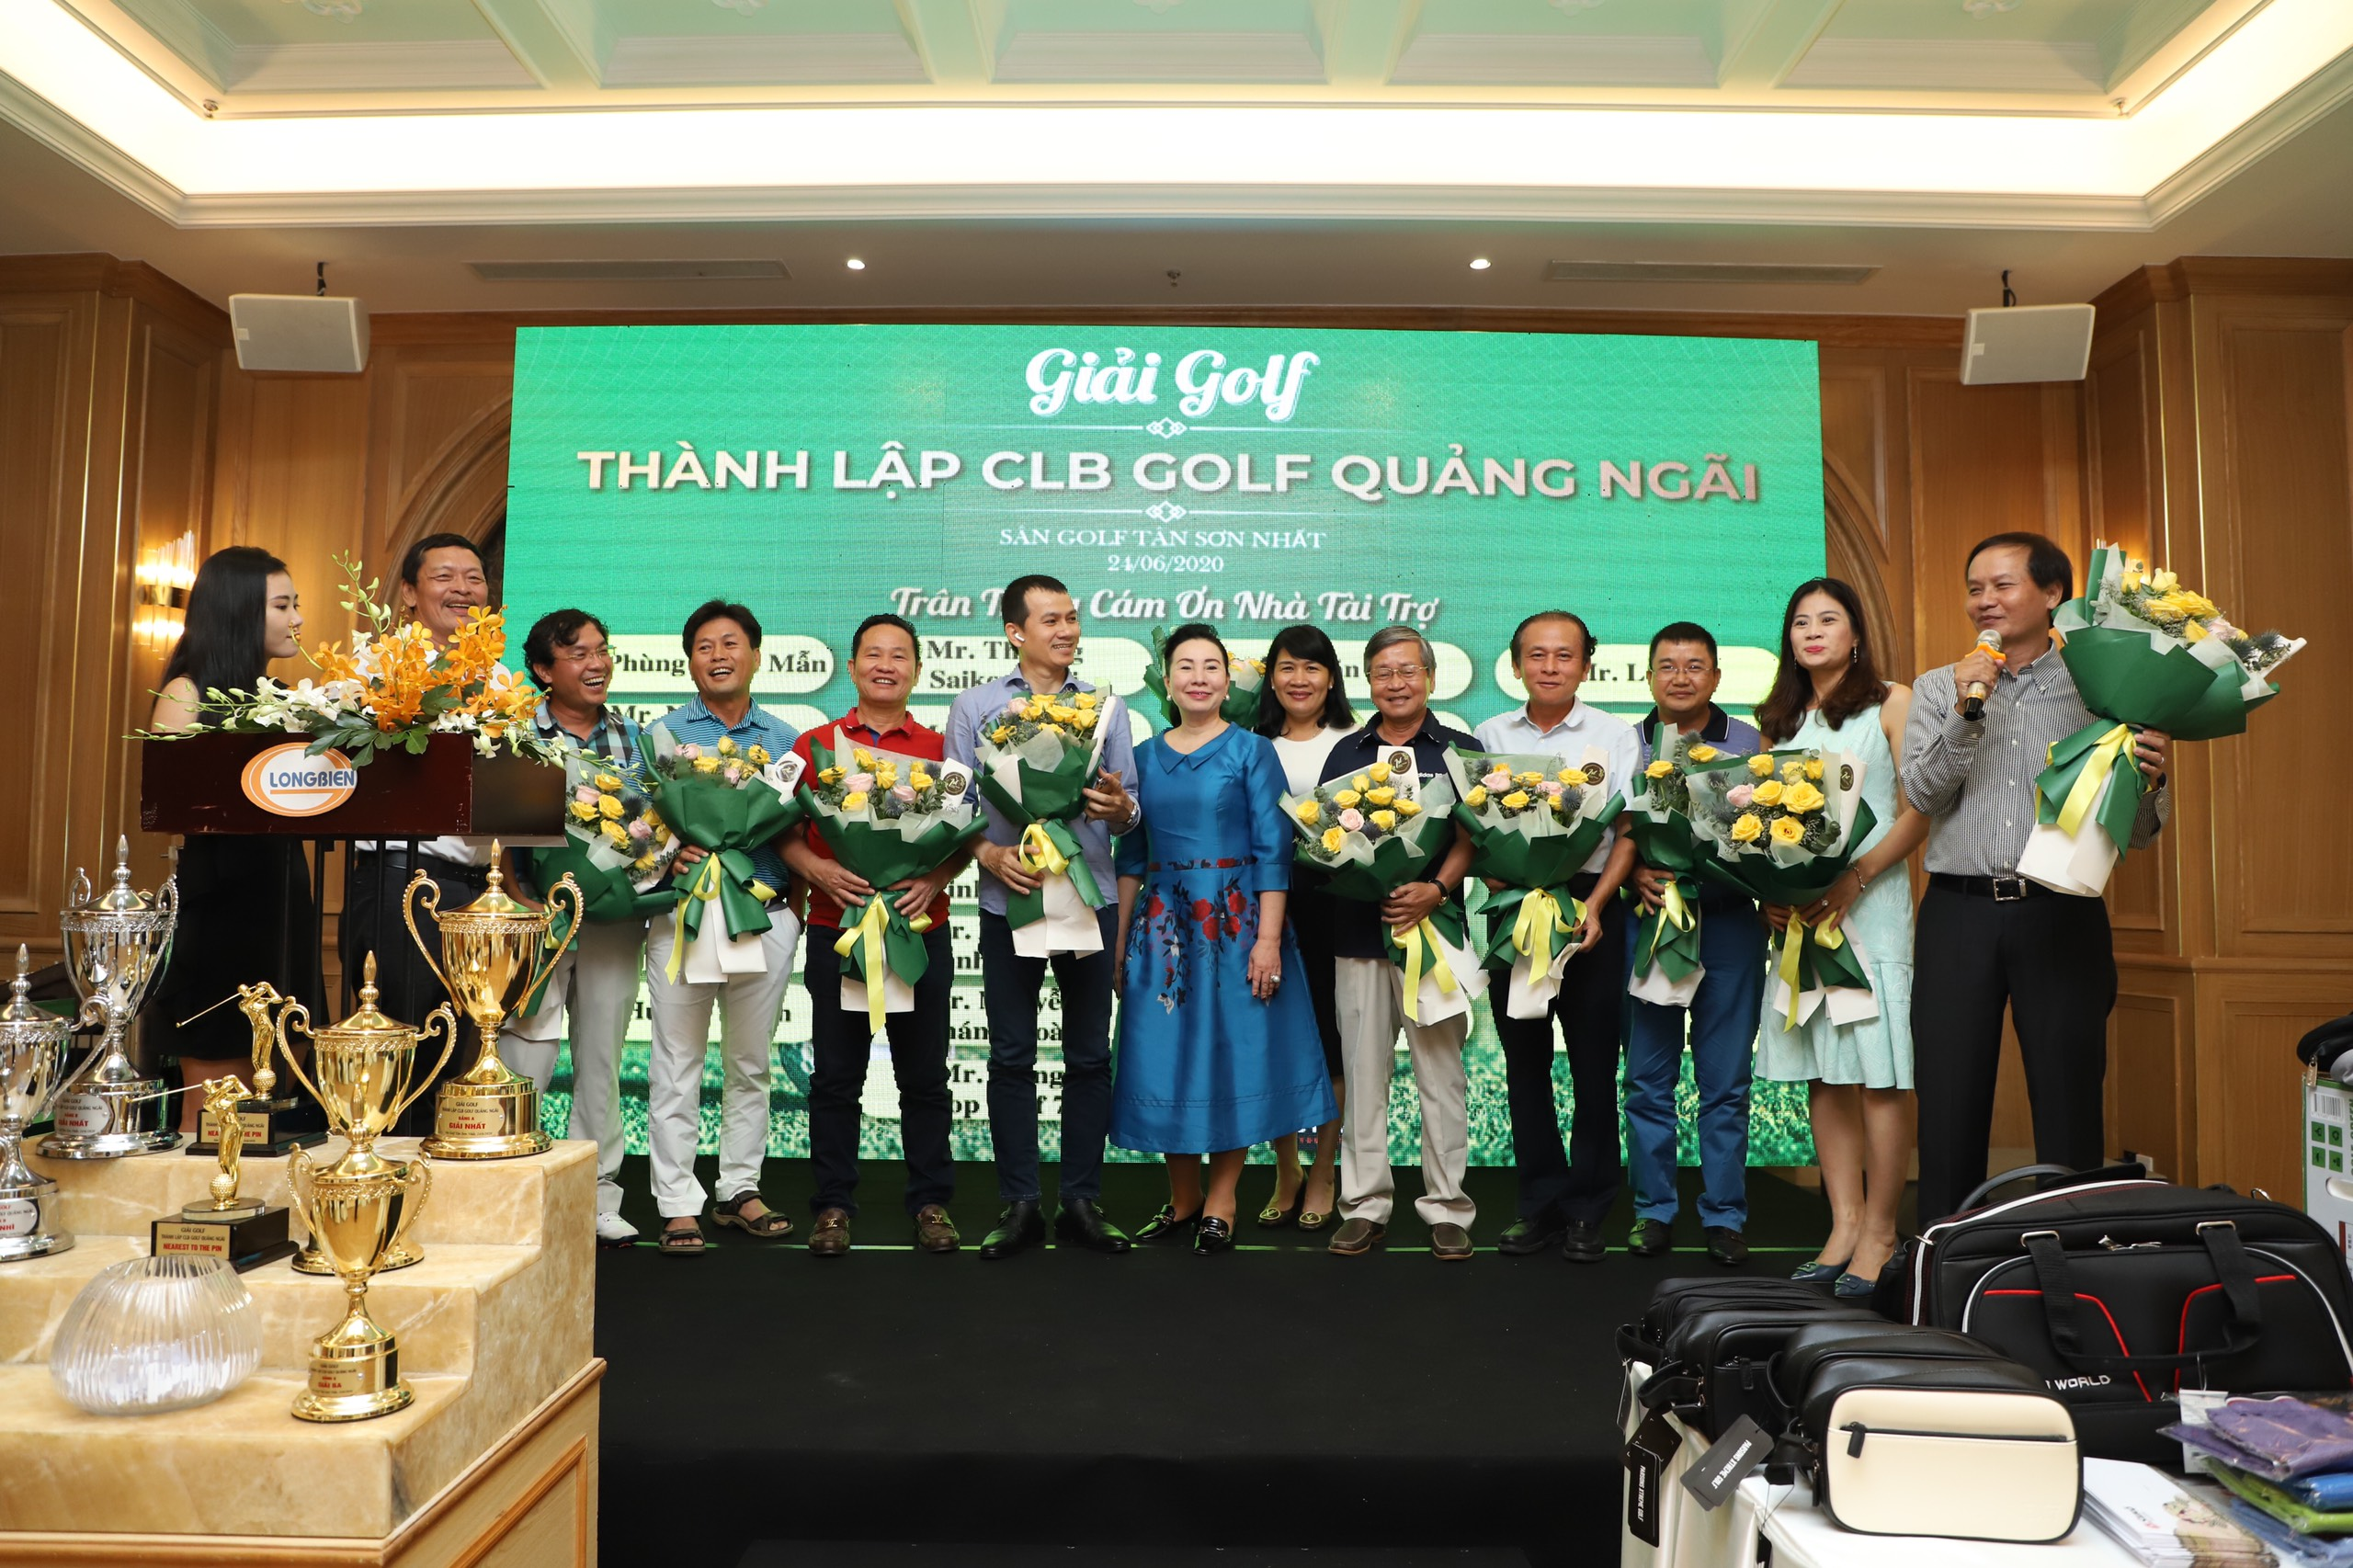 Các thành viên Ban chấp hành ra mắt CLB và nhận hoa chúc mừng